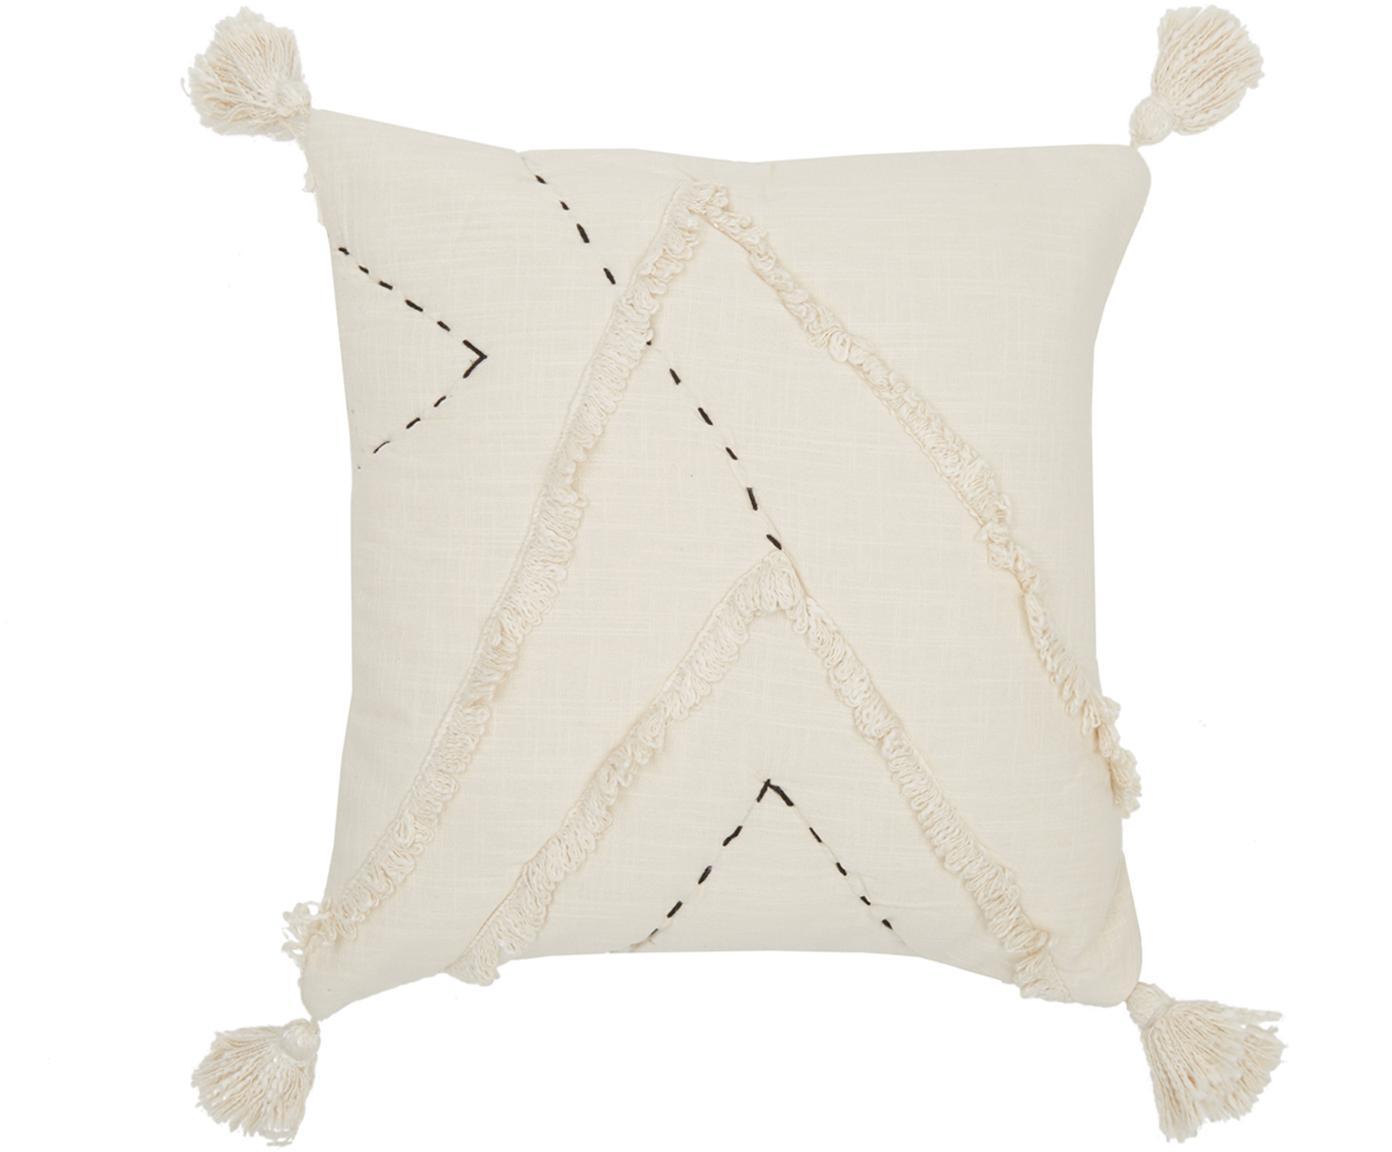 Kussenhoes Lienzo met hoog-laag patroon, 100% katoen, Gebroken wit, 45 x 45 cm